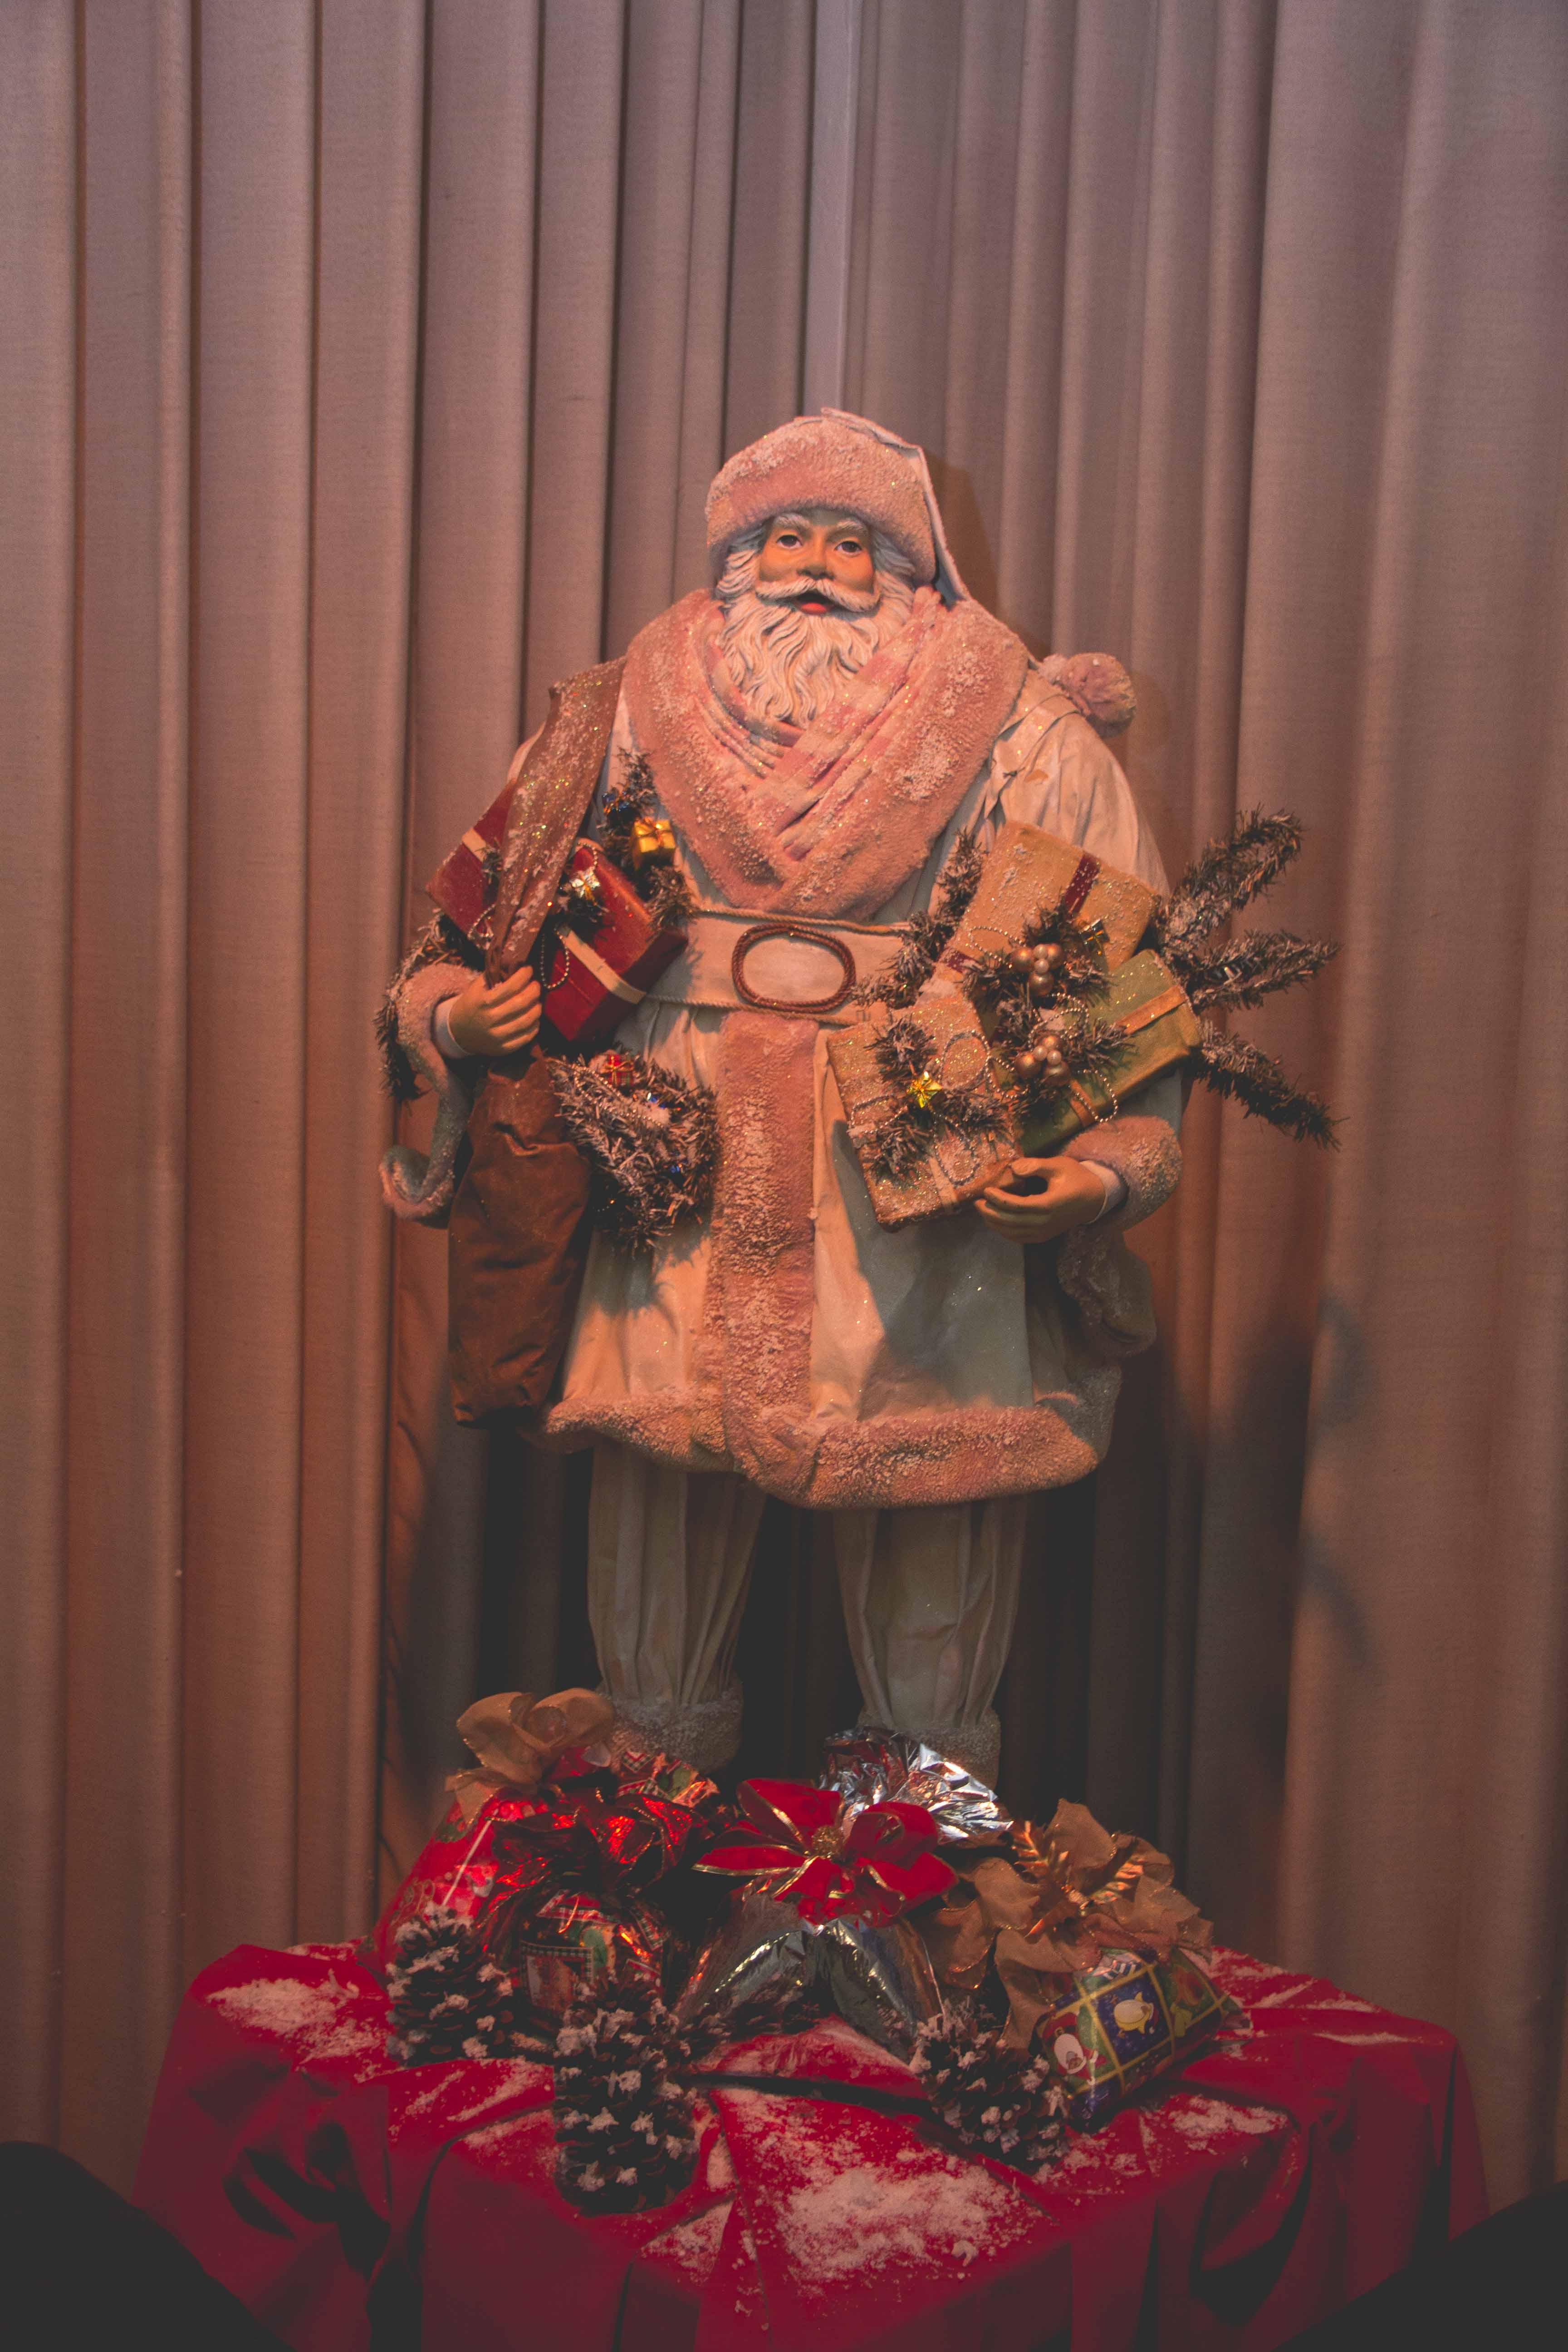 O Natal Existe-86-2